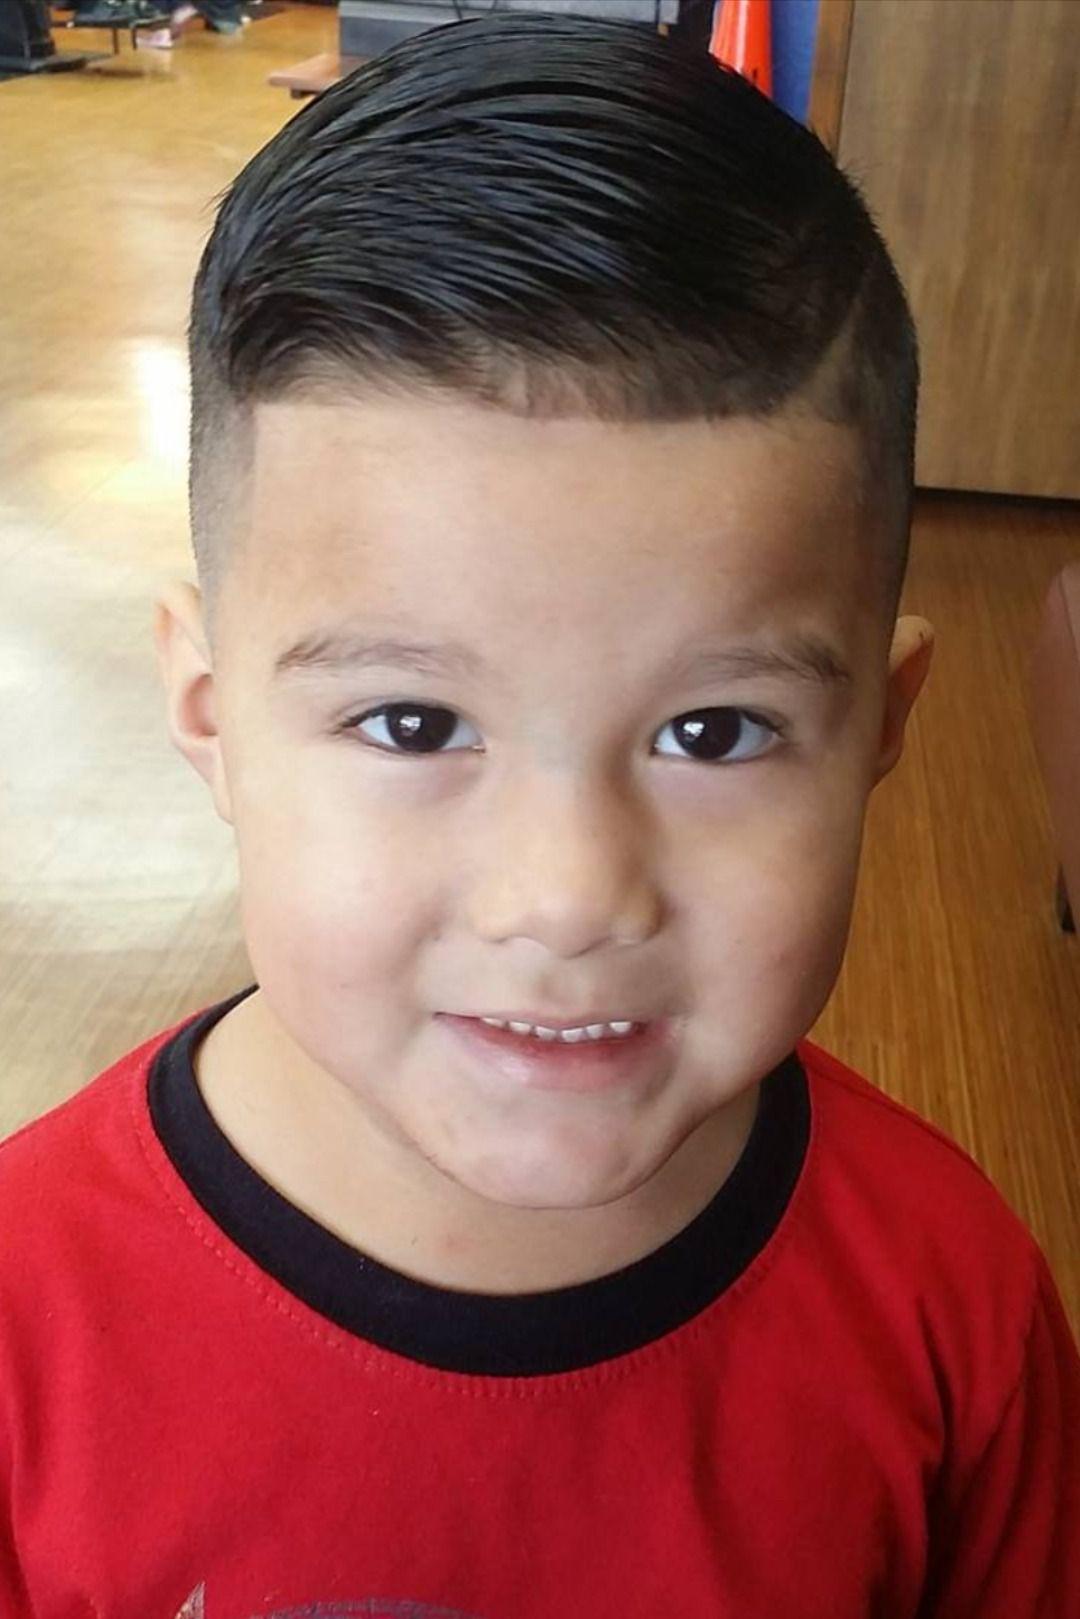 Small Kids Hair Style Boys Smallkidshairstyleboys Hairstyles Haircuts Hairstylesforlonghair Boys Kids Hairstyles Boy Hairstyles Thin Hair Haircuts